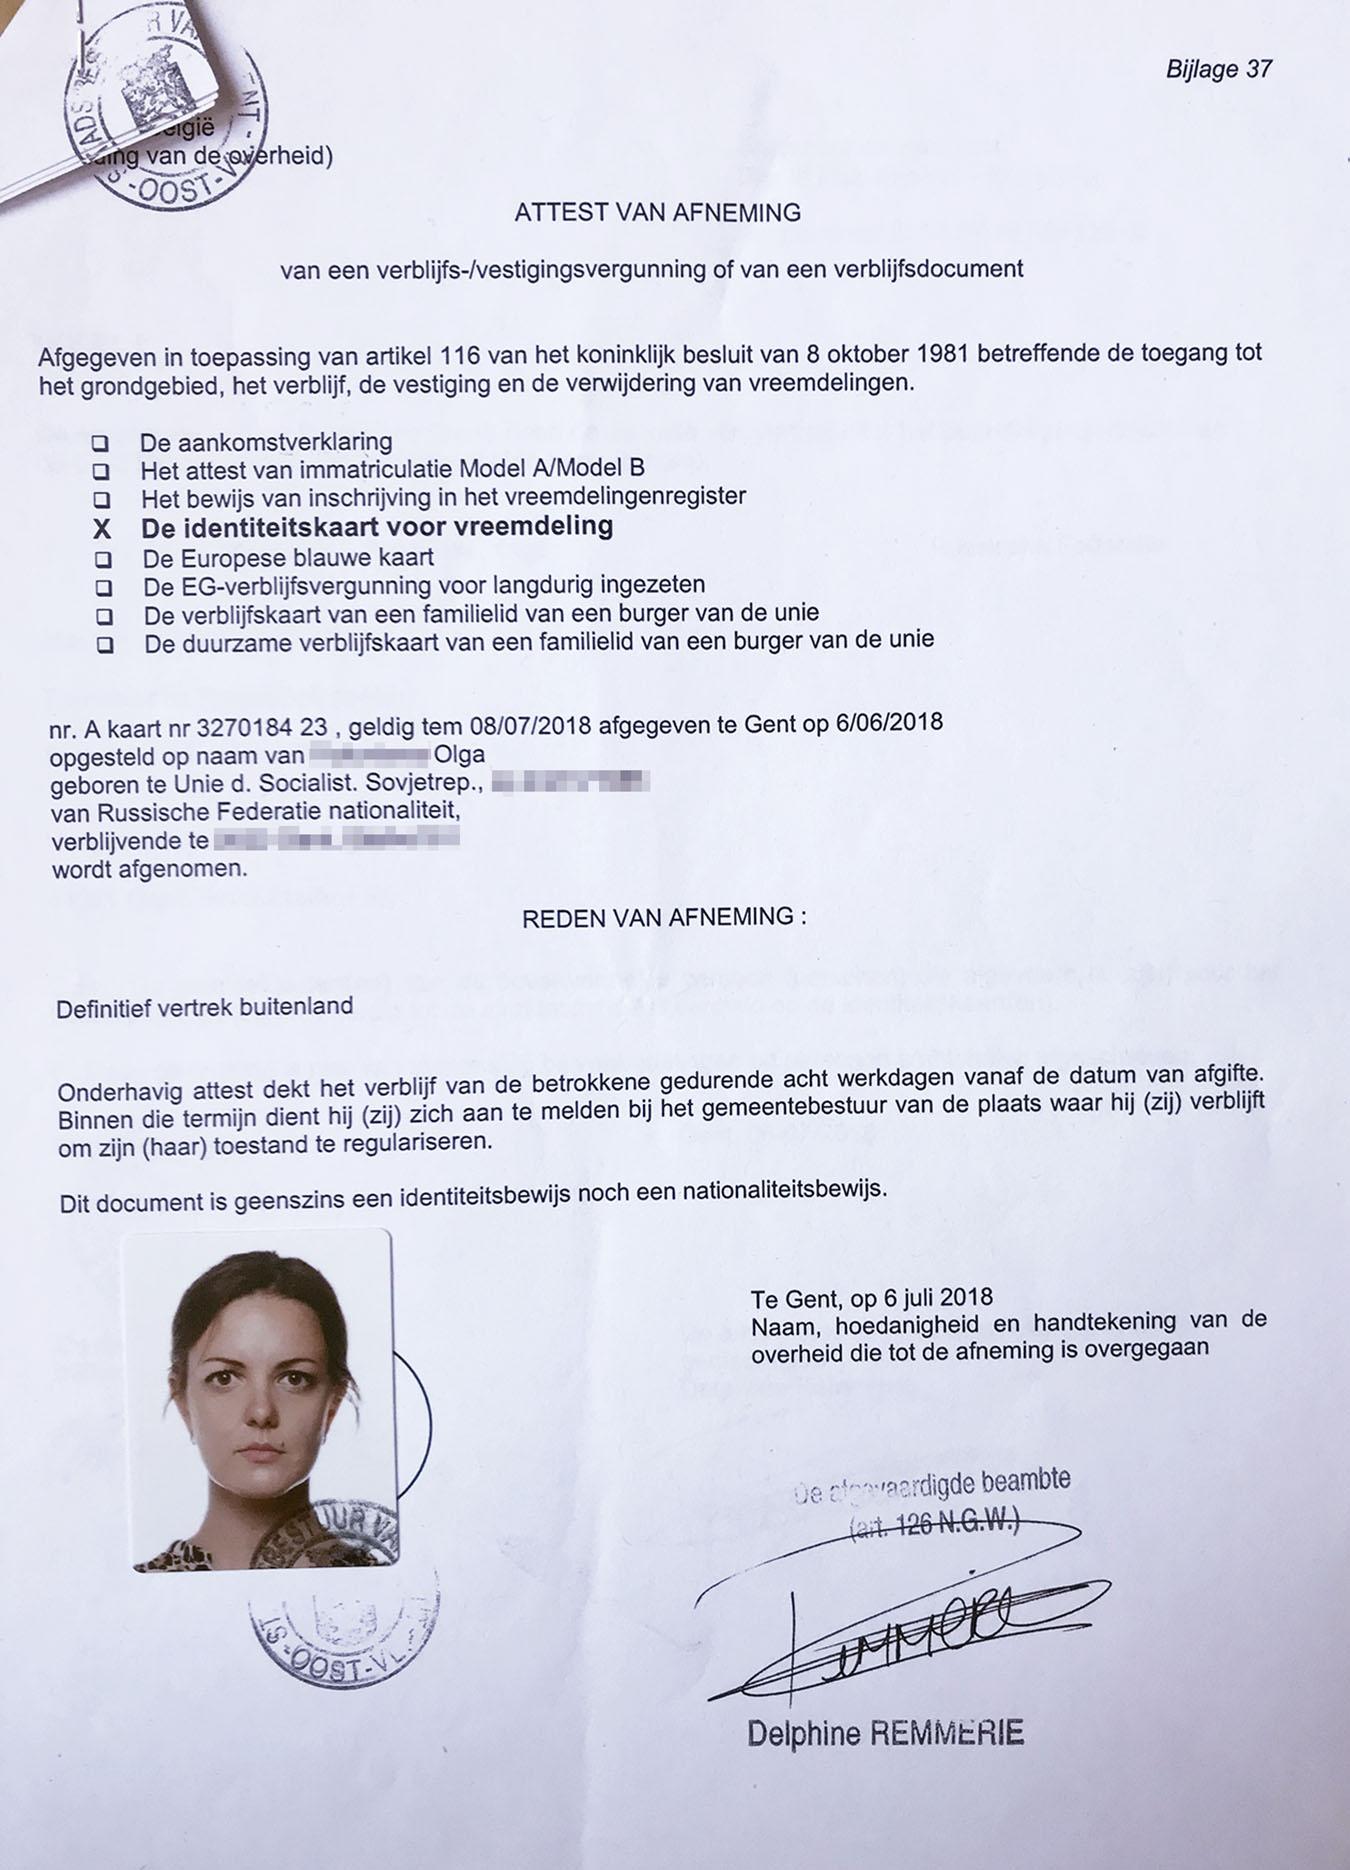 Подтверждение о приеме документов дляполучения ВНЖ Бельгии